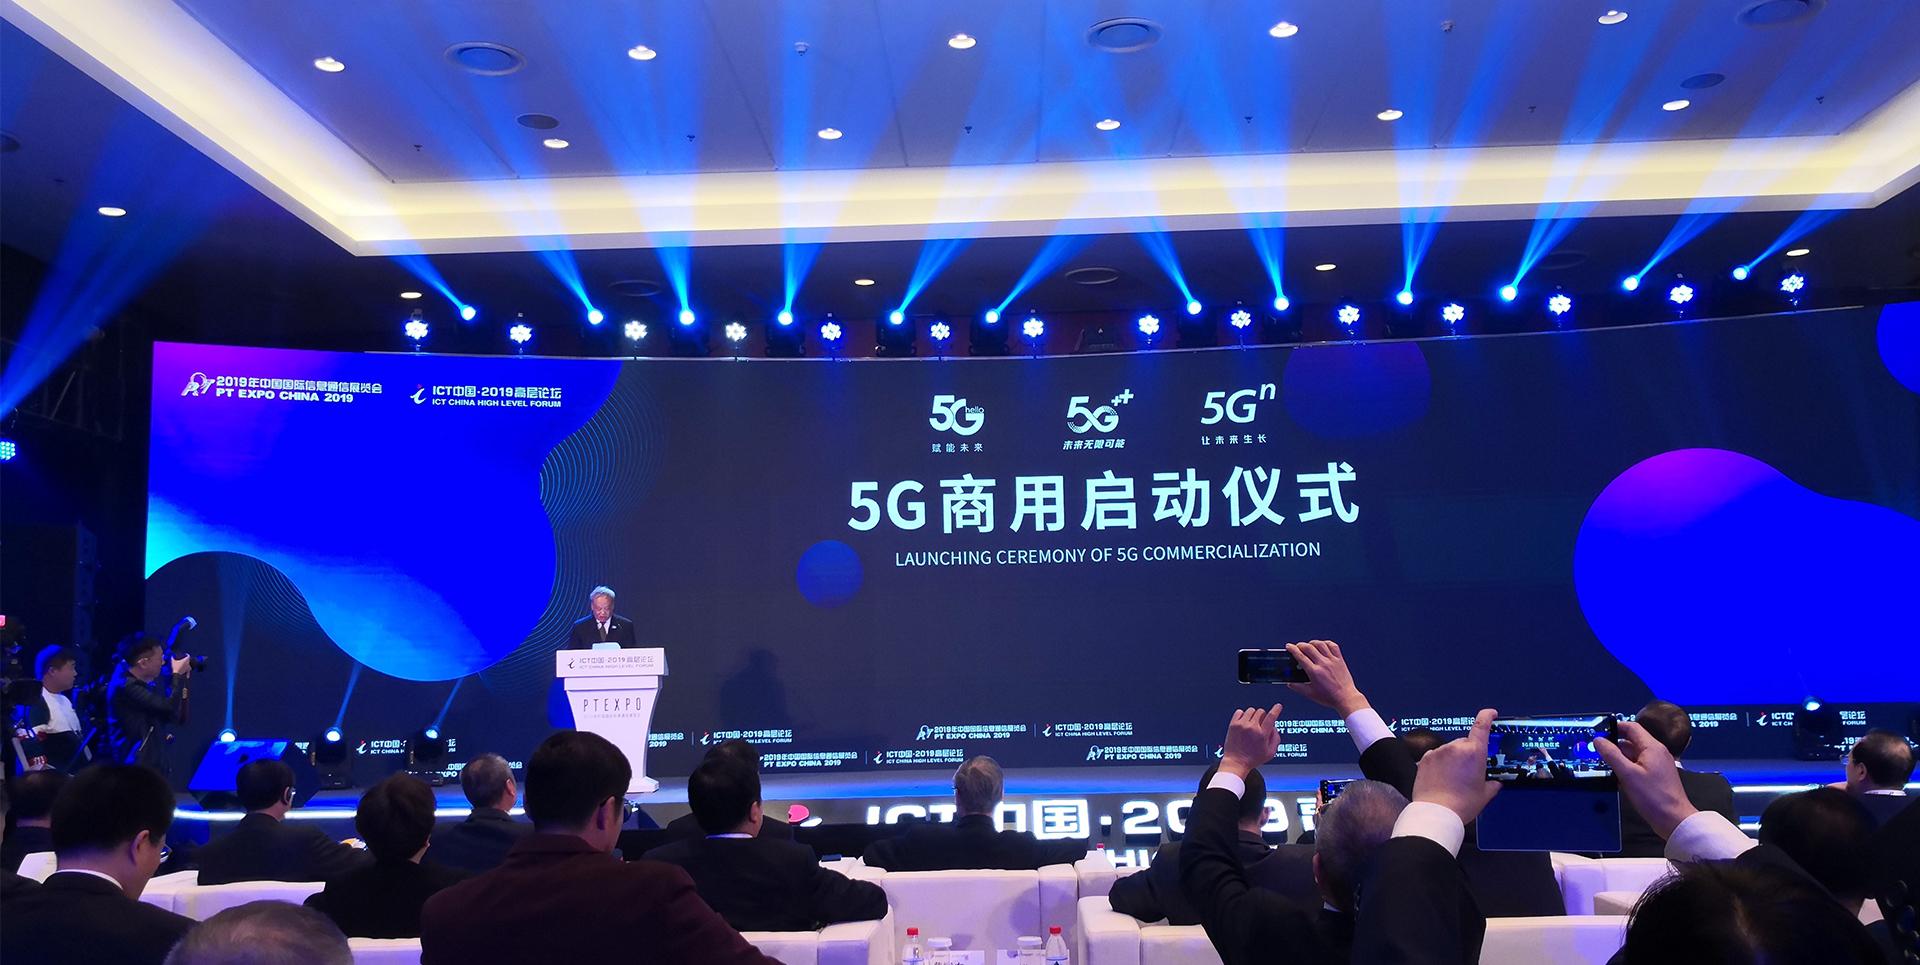 刚刚,5G商用正式启动 美业的...